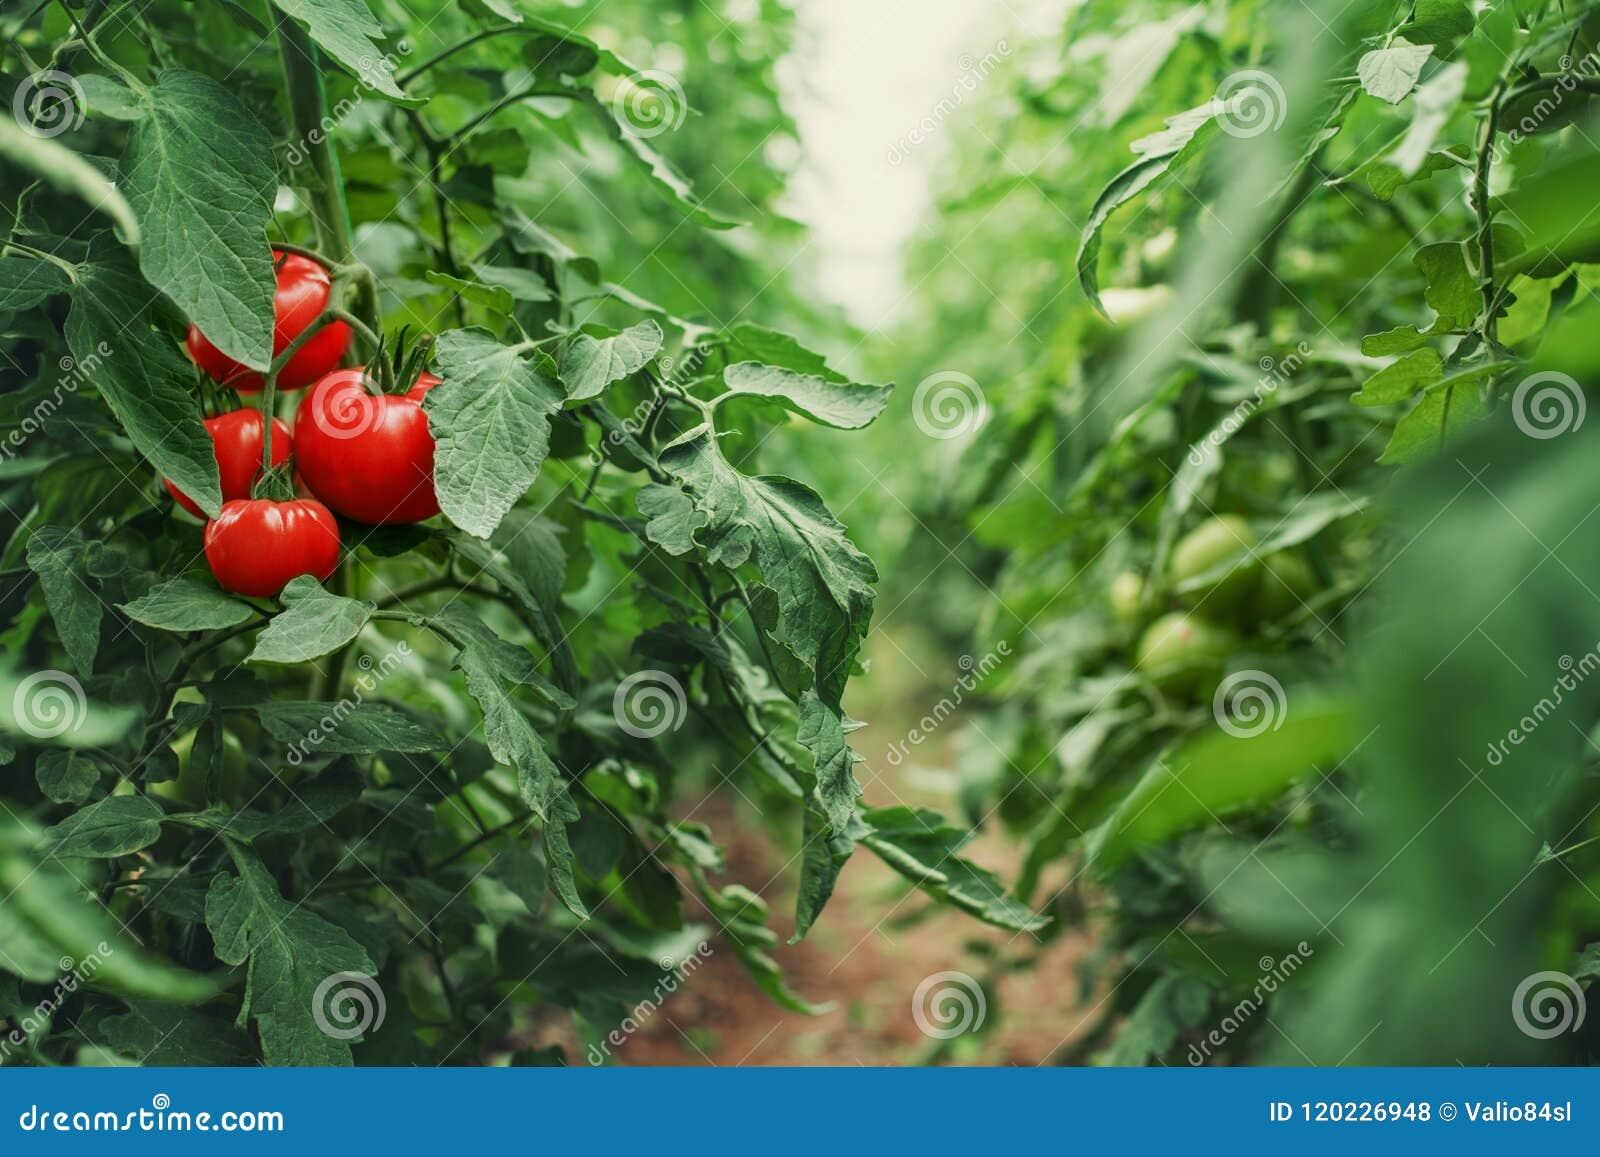 Tomates em uma estufa horticulture vegetais